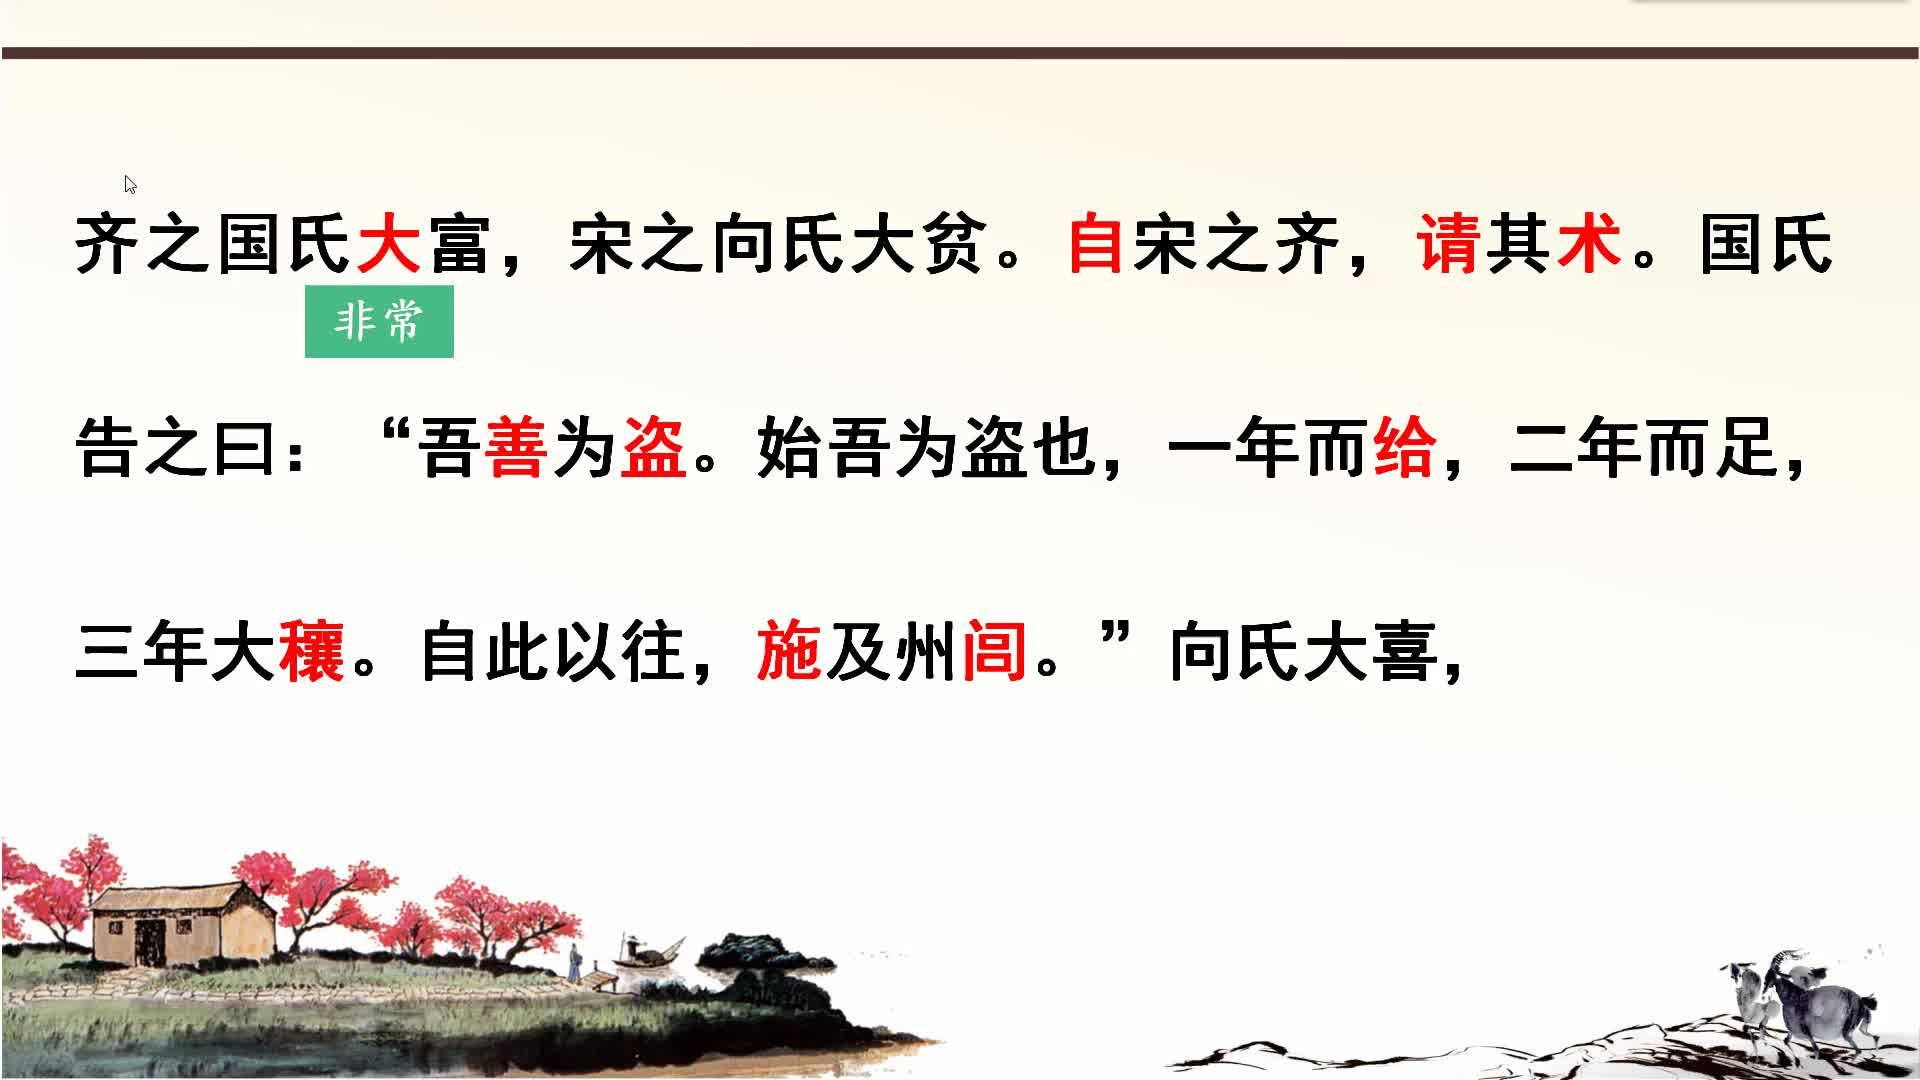 中考语文组合阅读文言文突破训练:6.国氏善为盗-视频微课堂